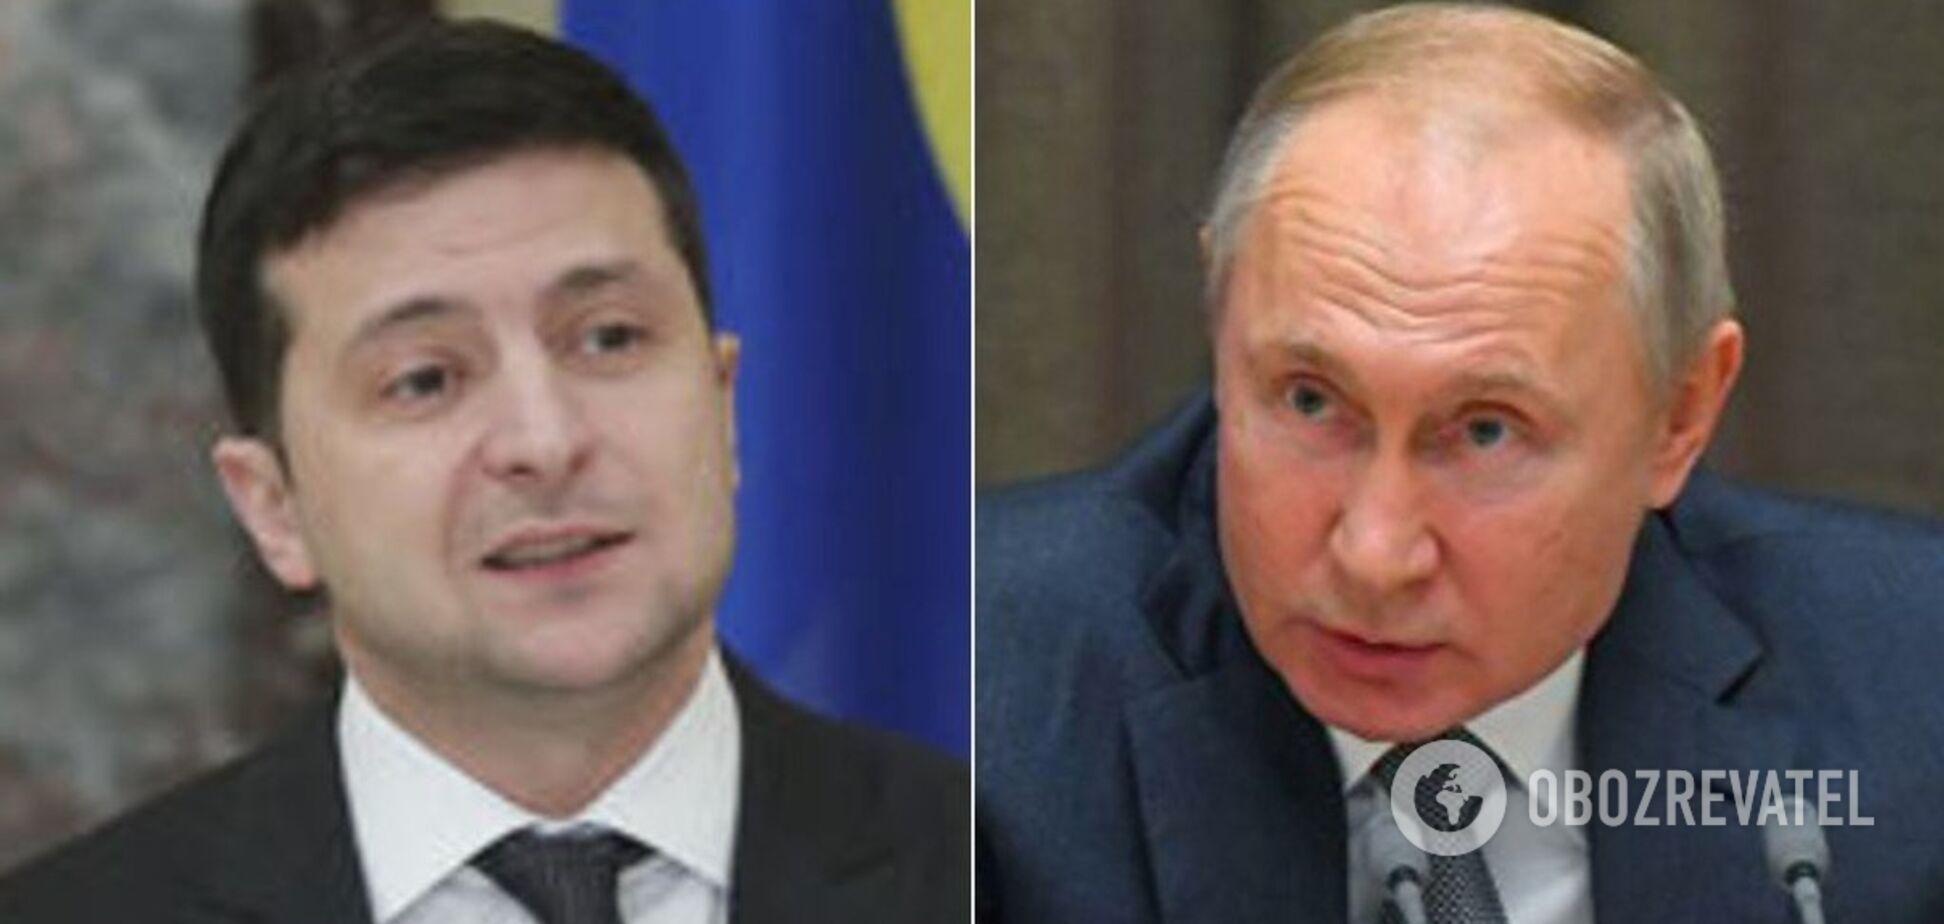 Офис Зеленского призвали к публичному ответу на прямые угрозы Путина